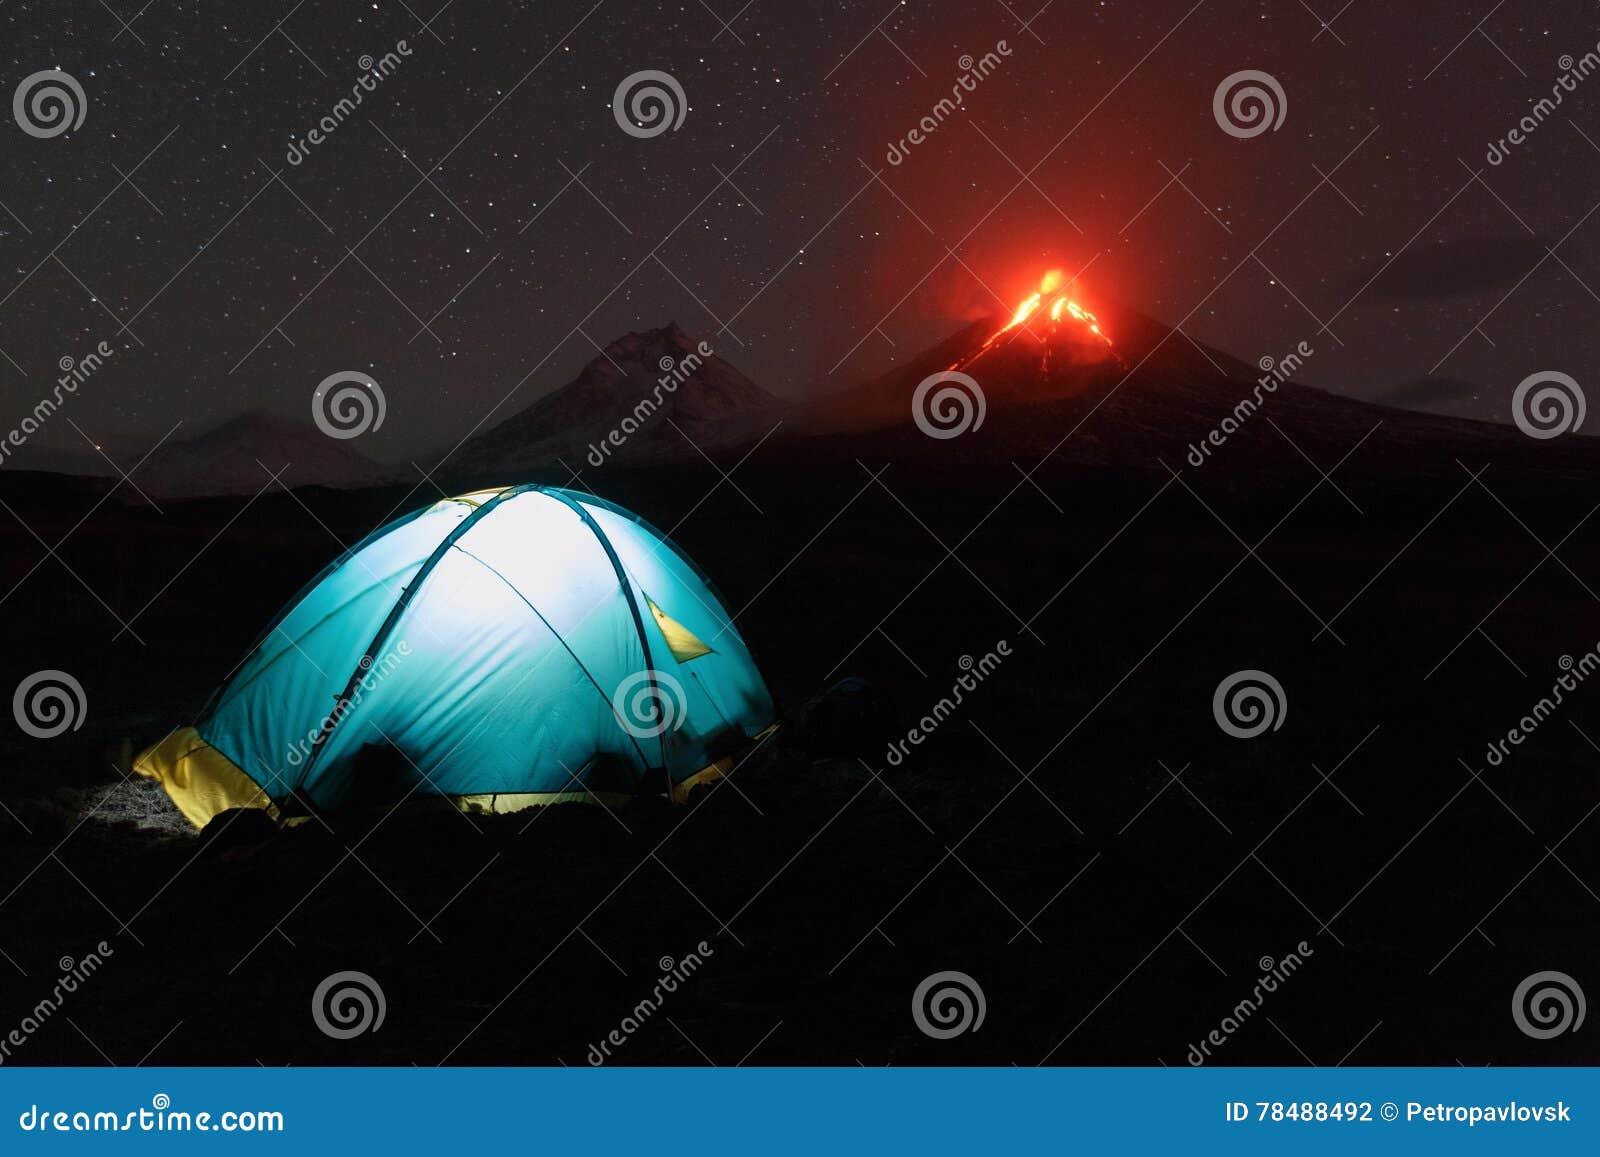 Verlichte toeristentent bij nacht op losbarstende vulkaan als achtergrond